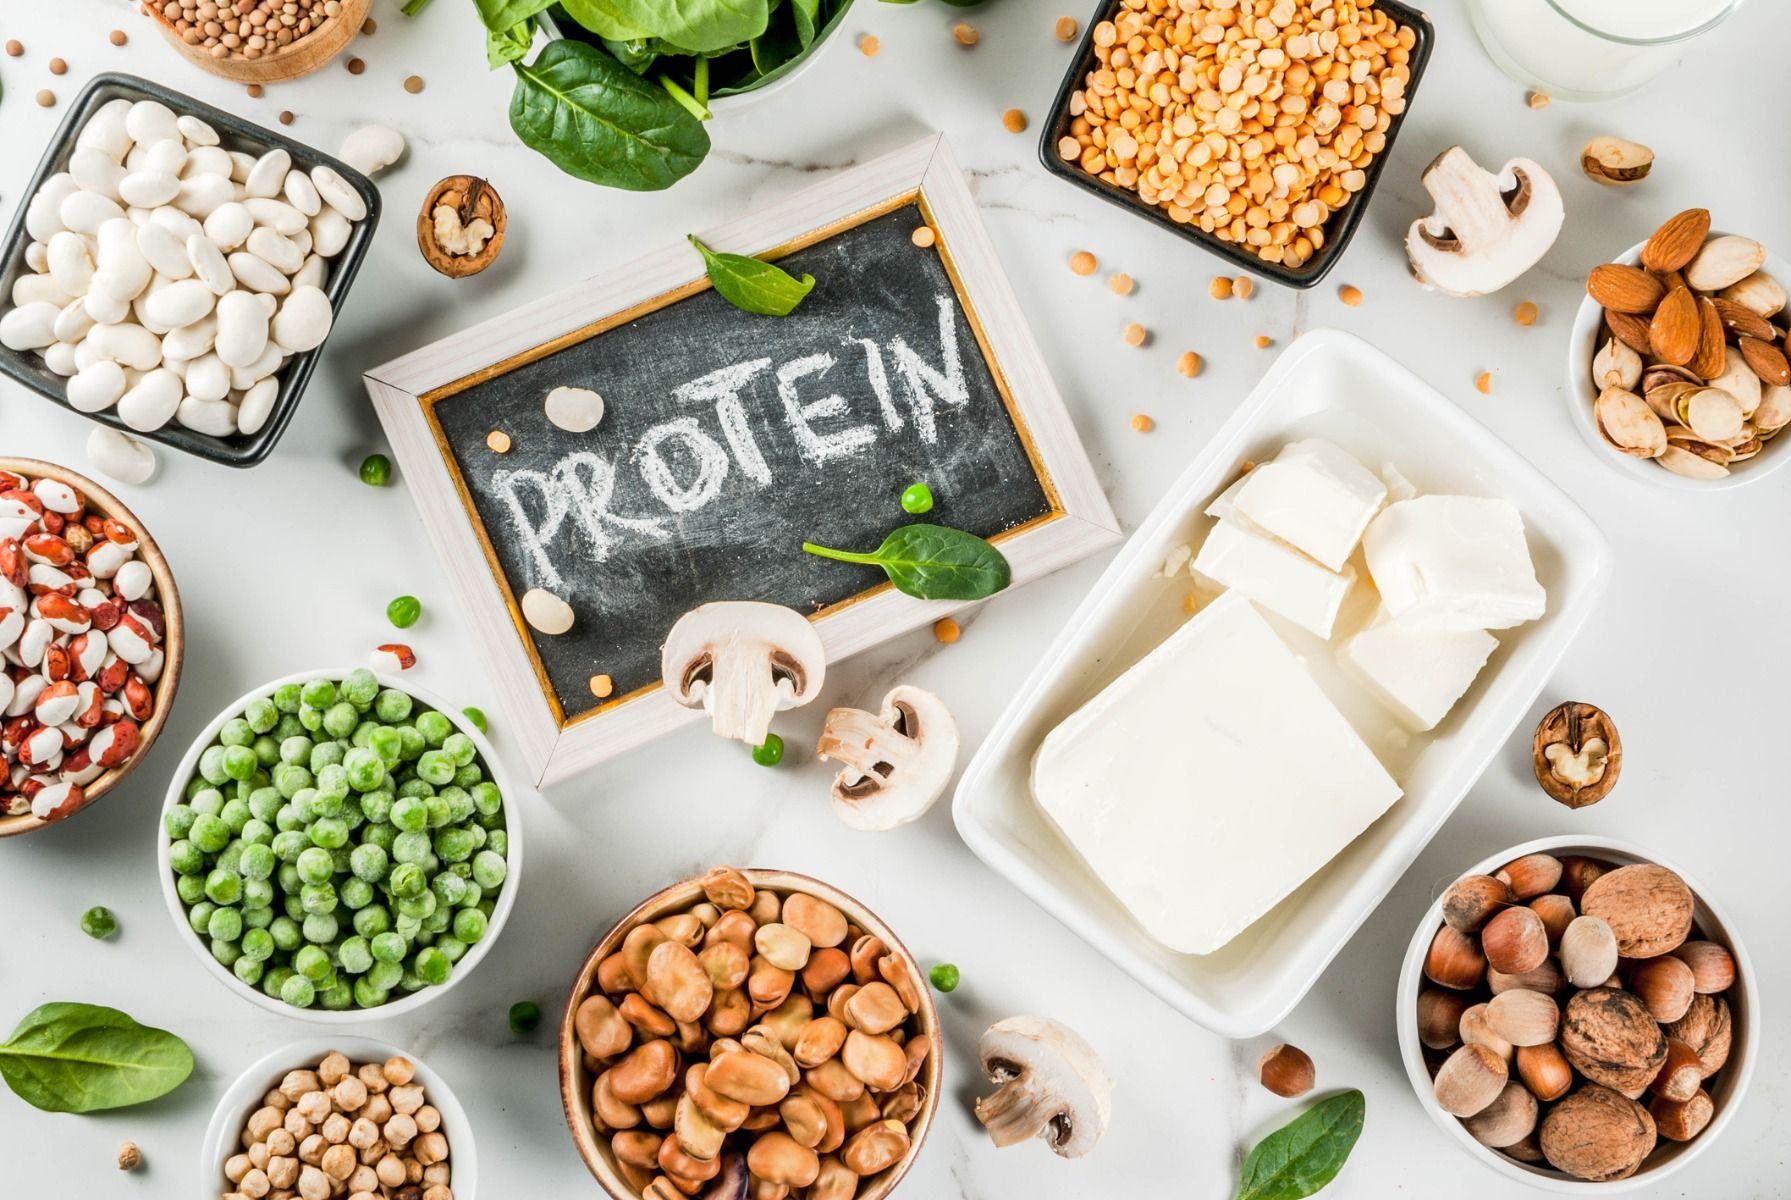 Milyen jelek kísérik a fehérjehiányt?